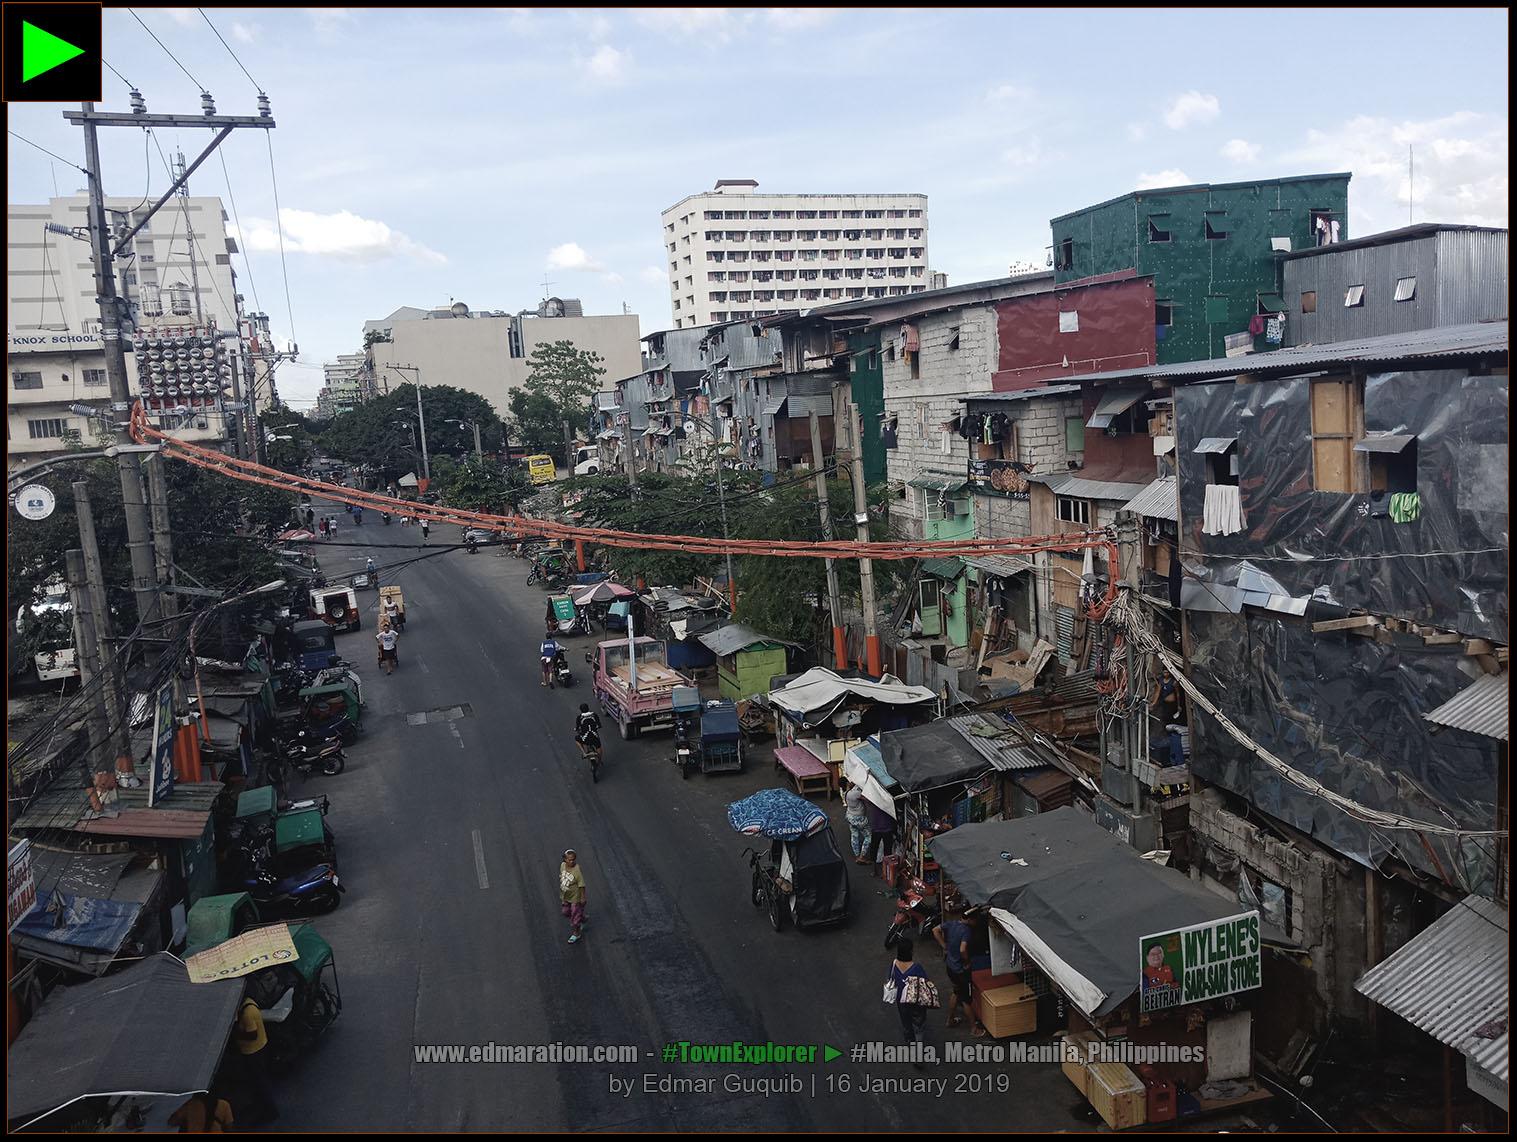 MANILA squatter slum